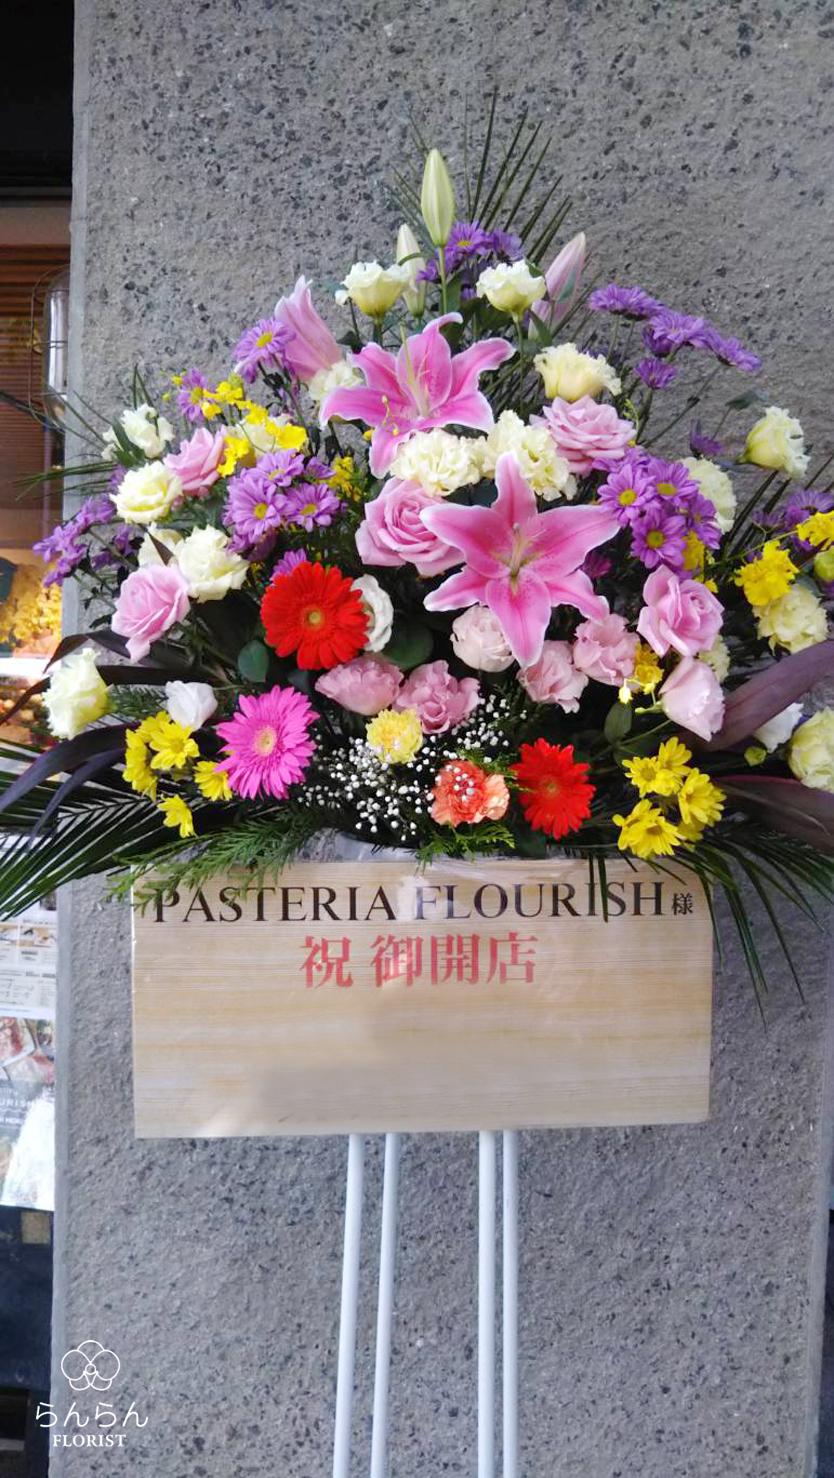 PASTERIA FLOURISH お祝いスタンド花